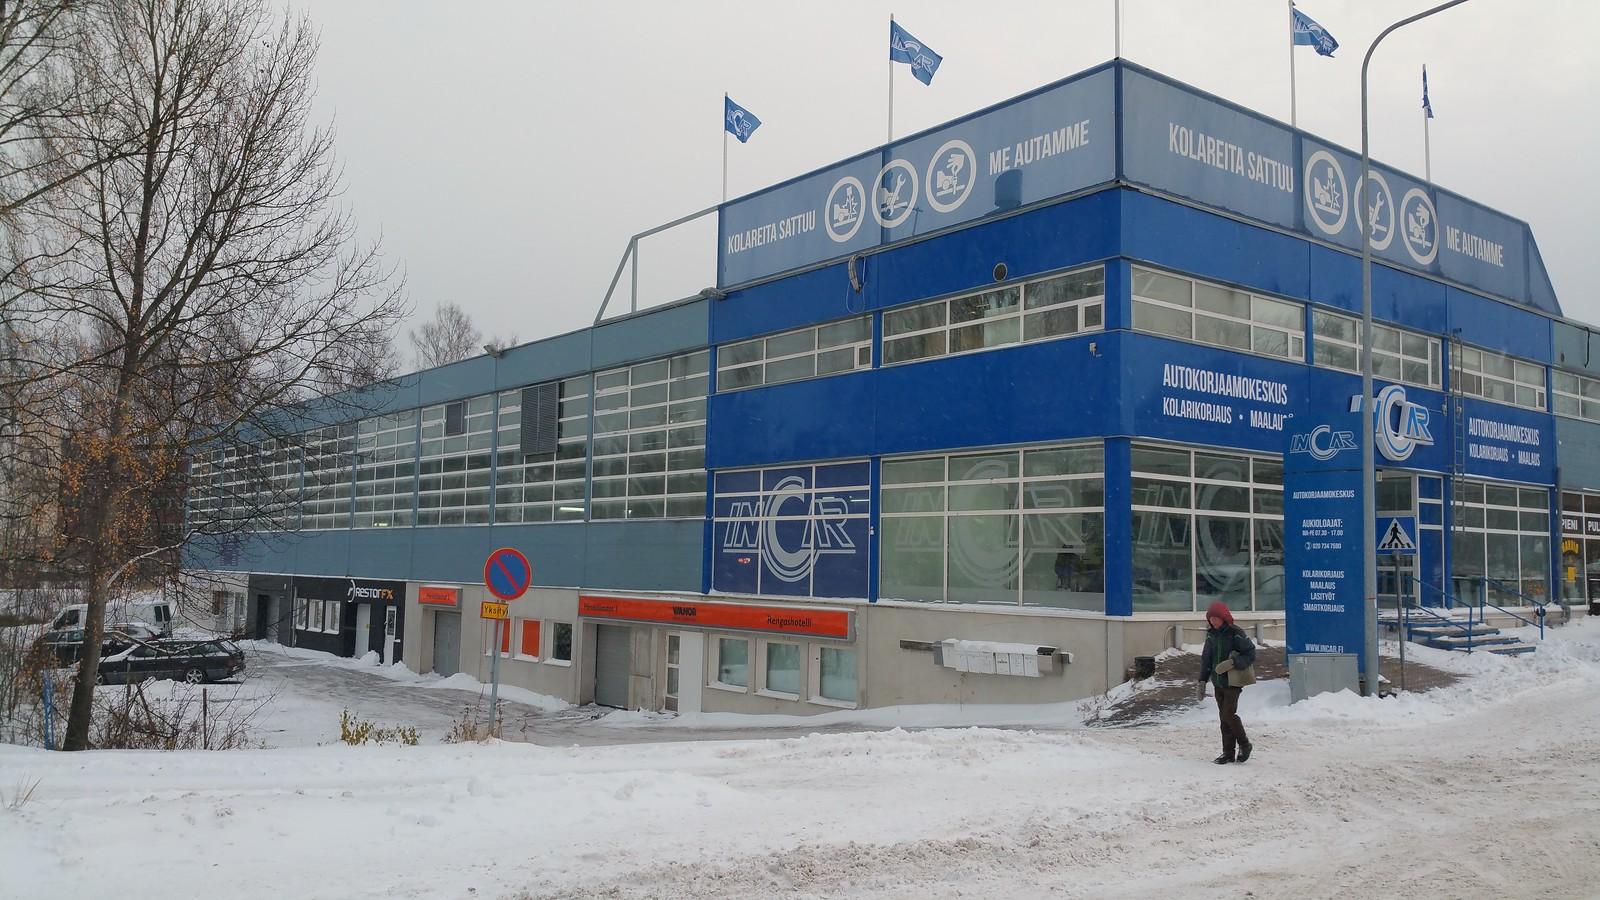 Mekaanikonkatu 5, Herttoniemi, Helsinki